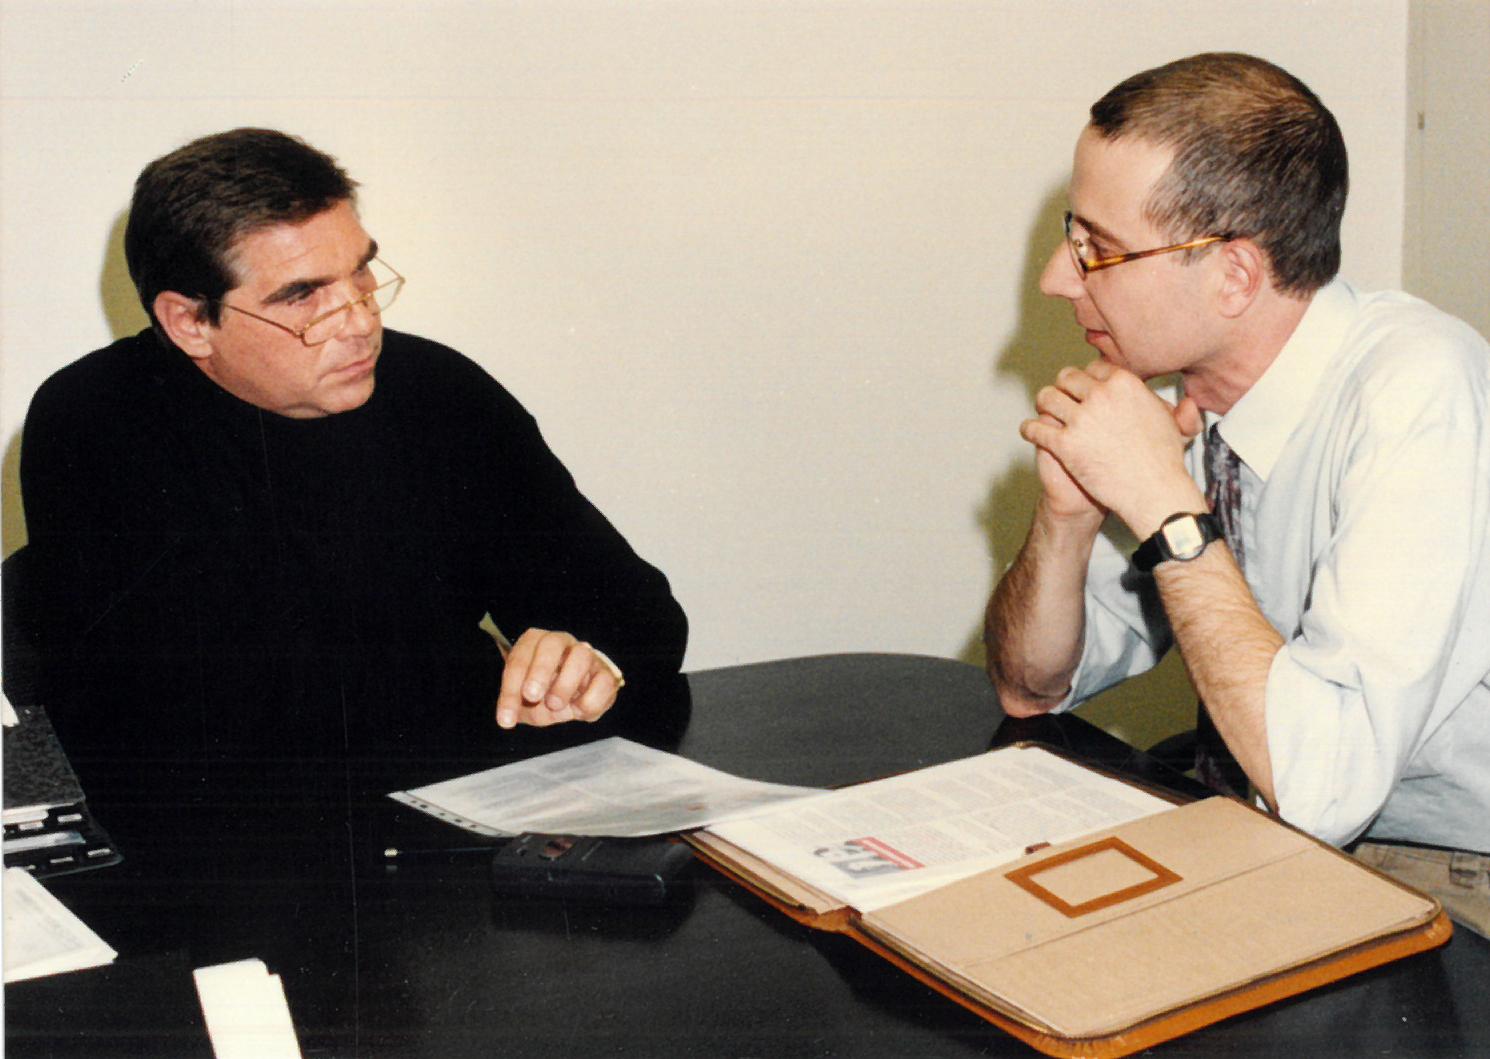 Bernd Hinners (Vorstandsvorsitzender), Andreas Prautsch (stv. Abteilungsleiter Marketing   Kommunikation), Vorbereitung Jahrespressekonferenz - Sparkasse Wittenberg 1997